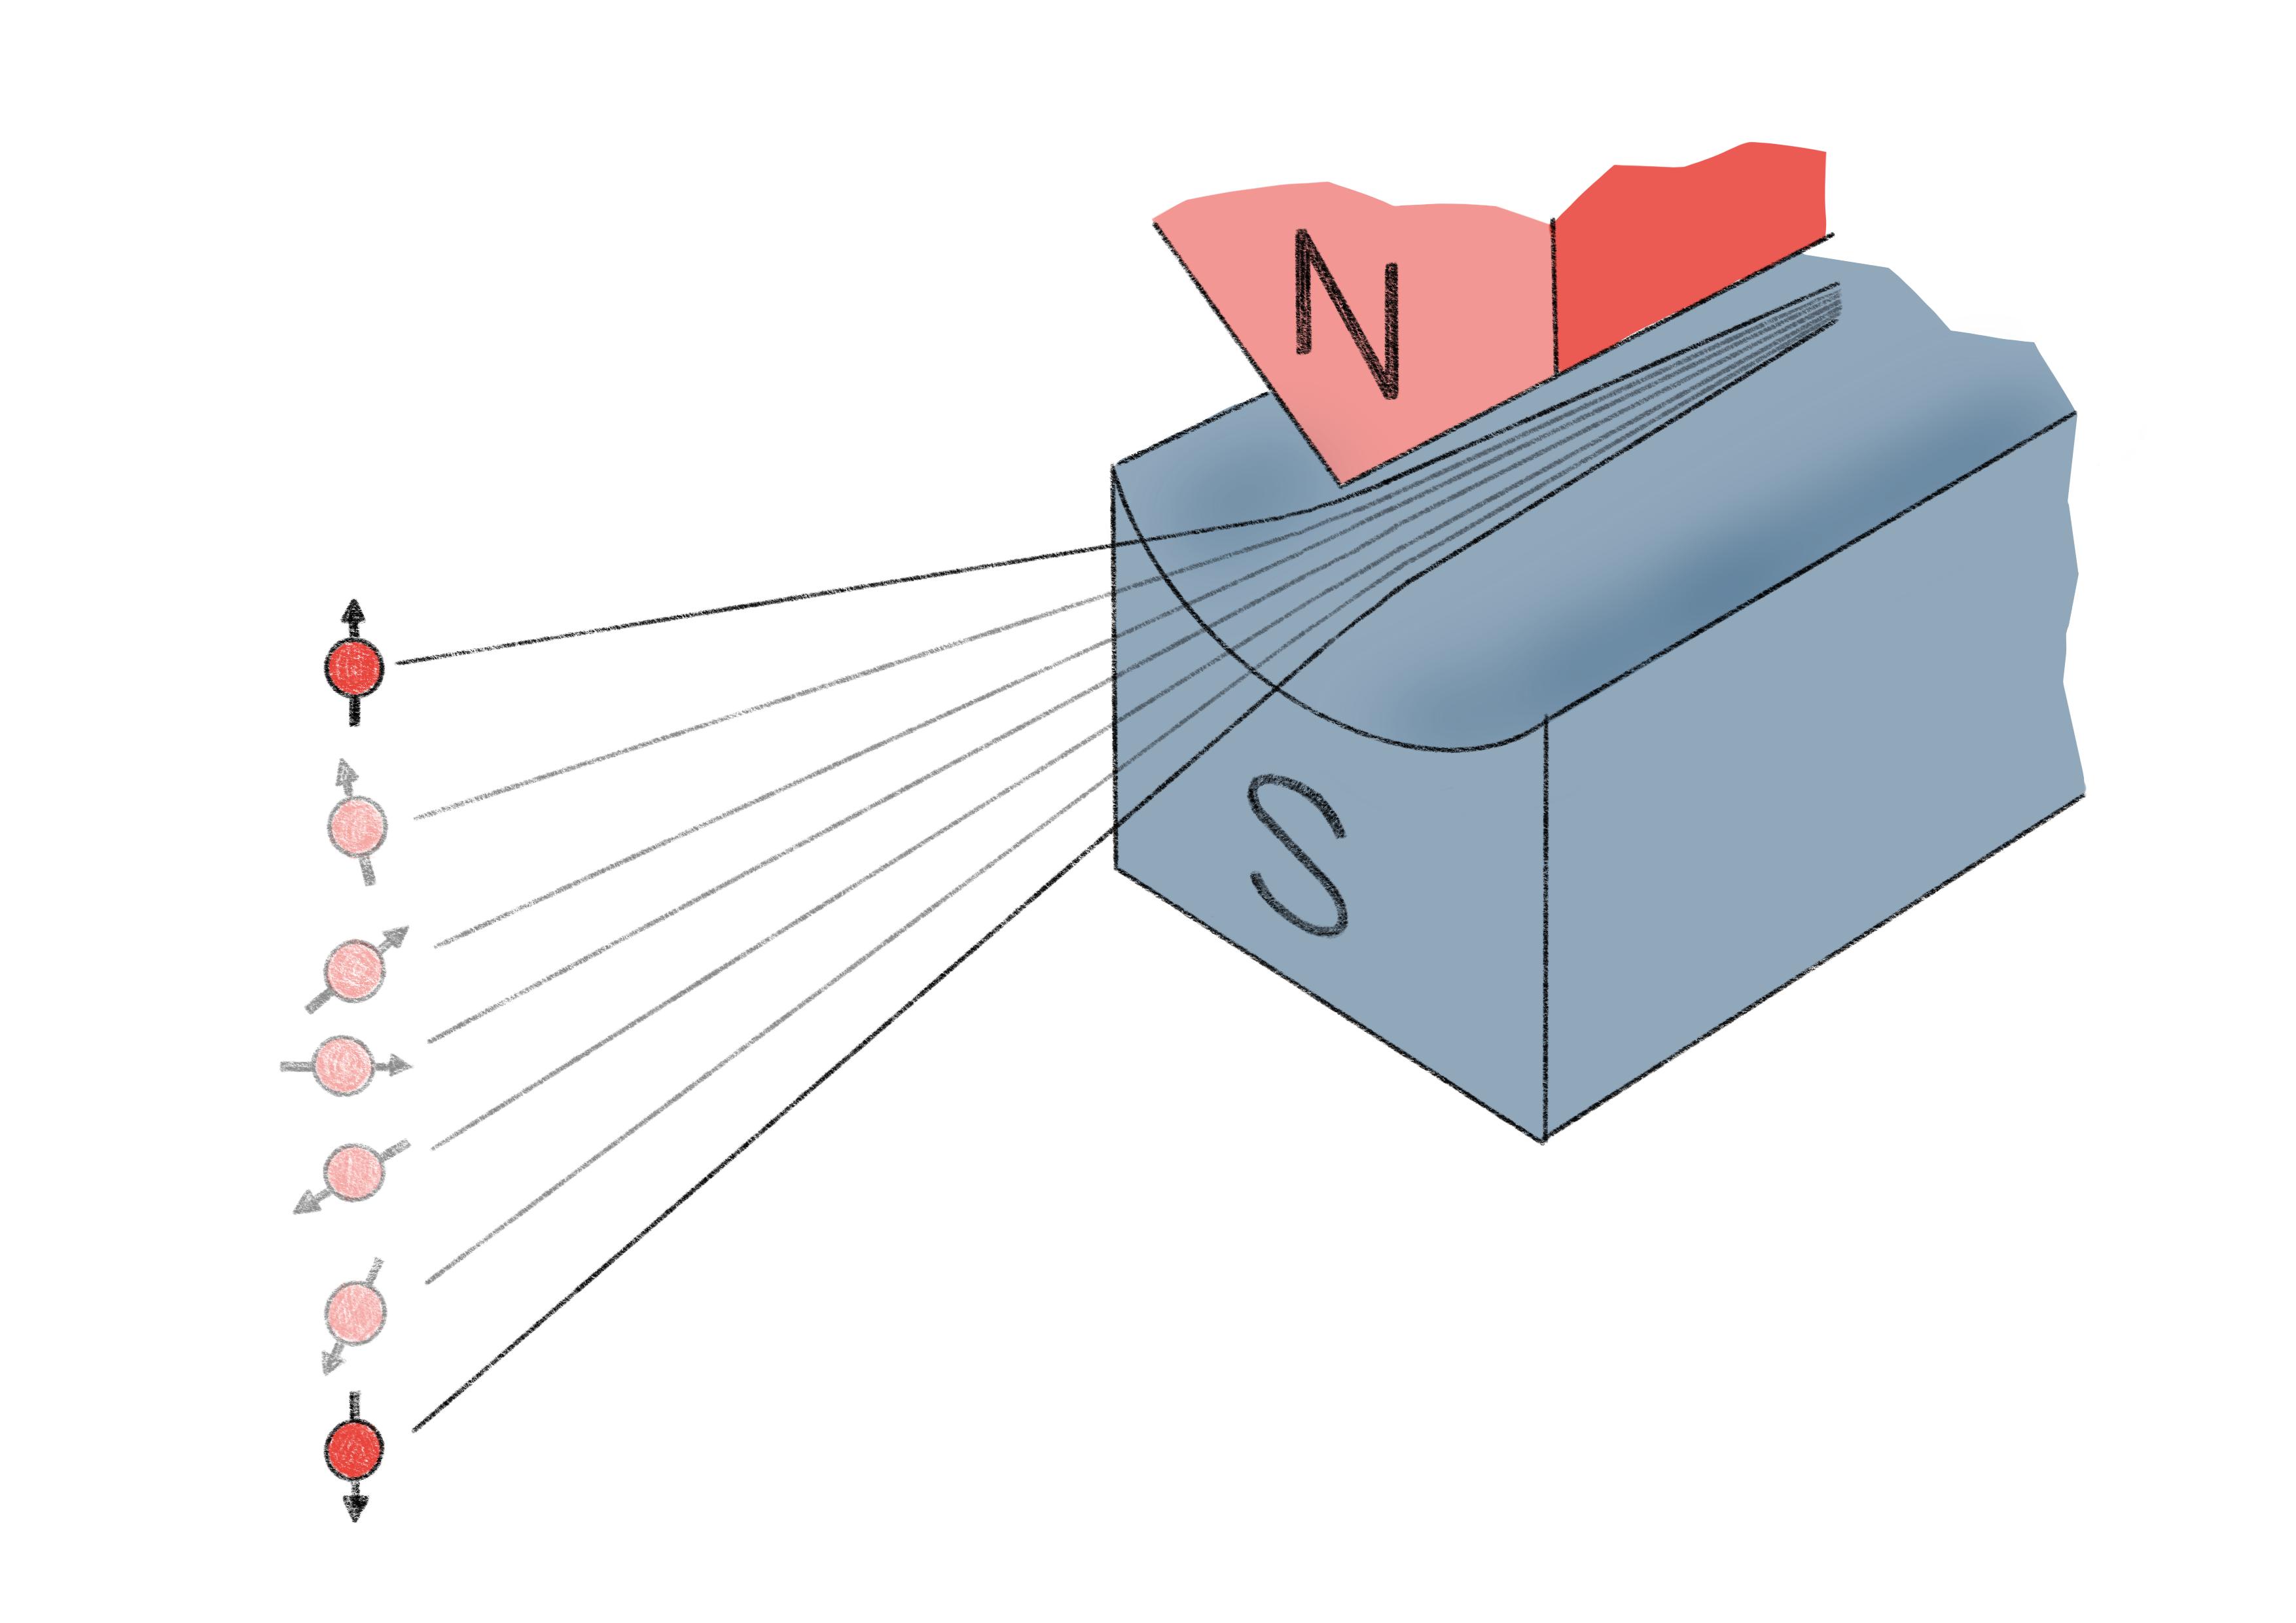 Quantencomputer hinterlaufen die klassischen Messerwartungen